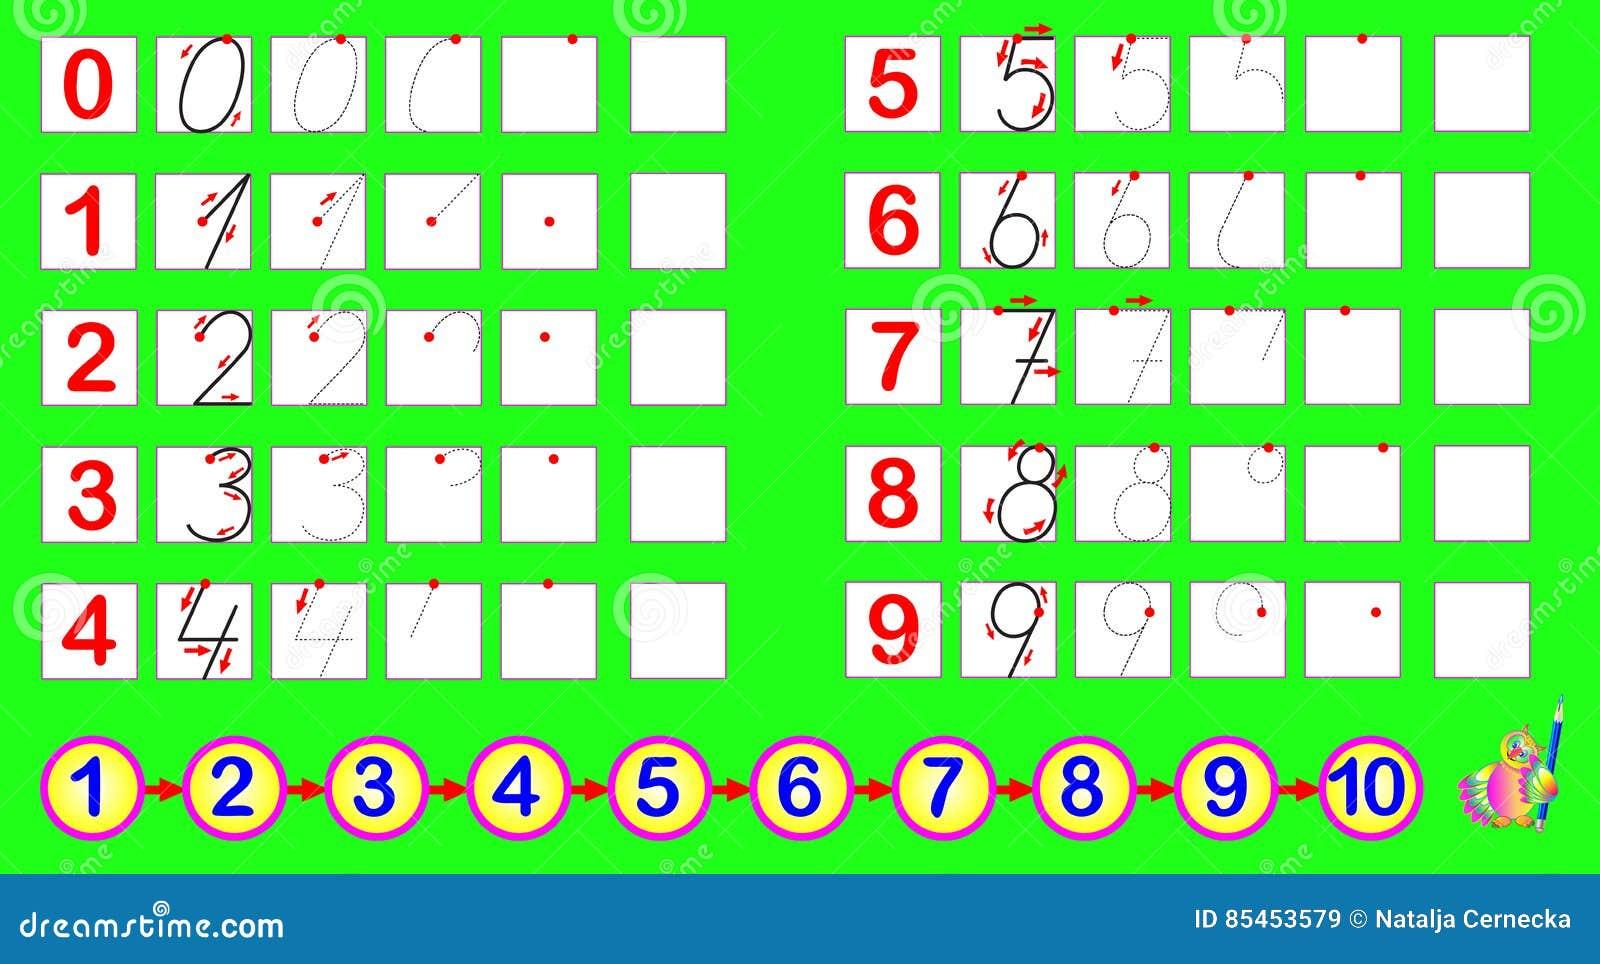 Esercizi per i bambini piccoli debba disegnare i numeri - Colore per numeri per i bambini ...